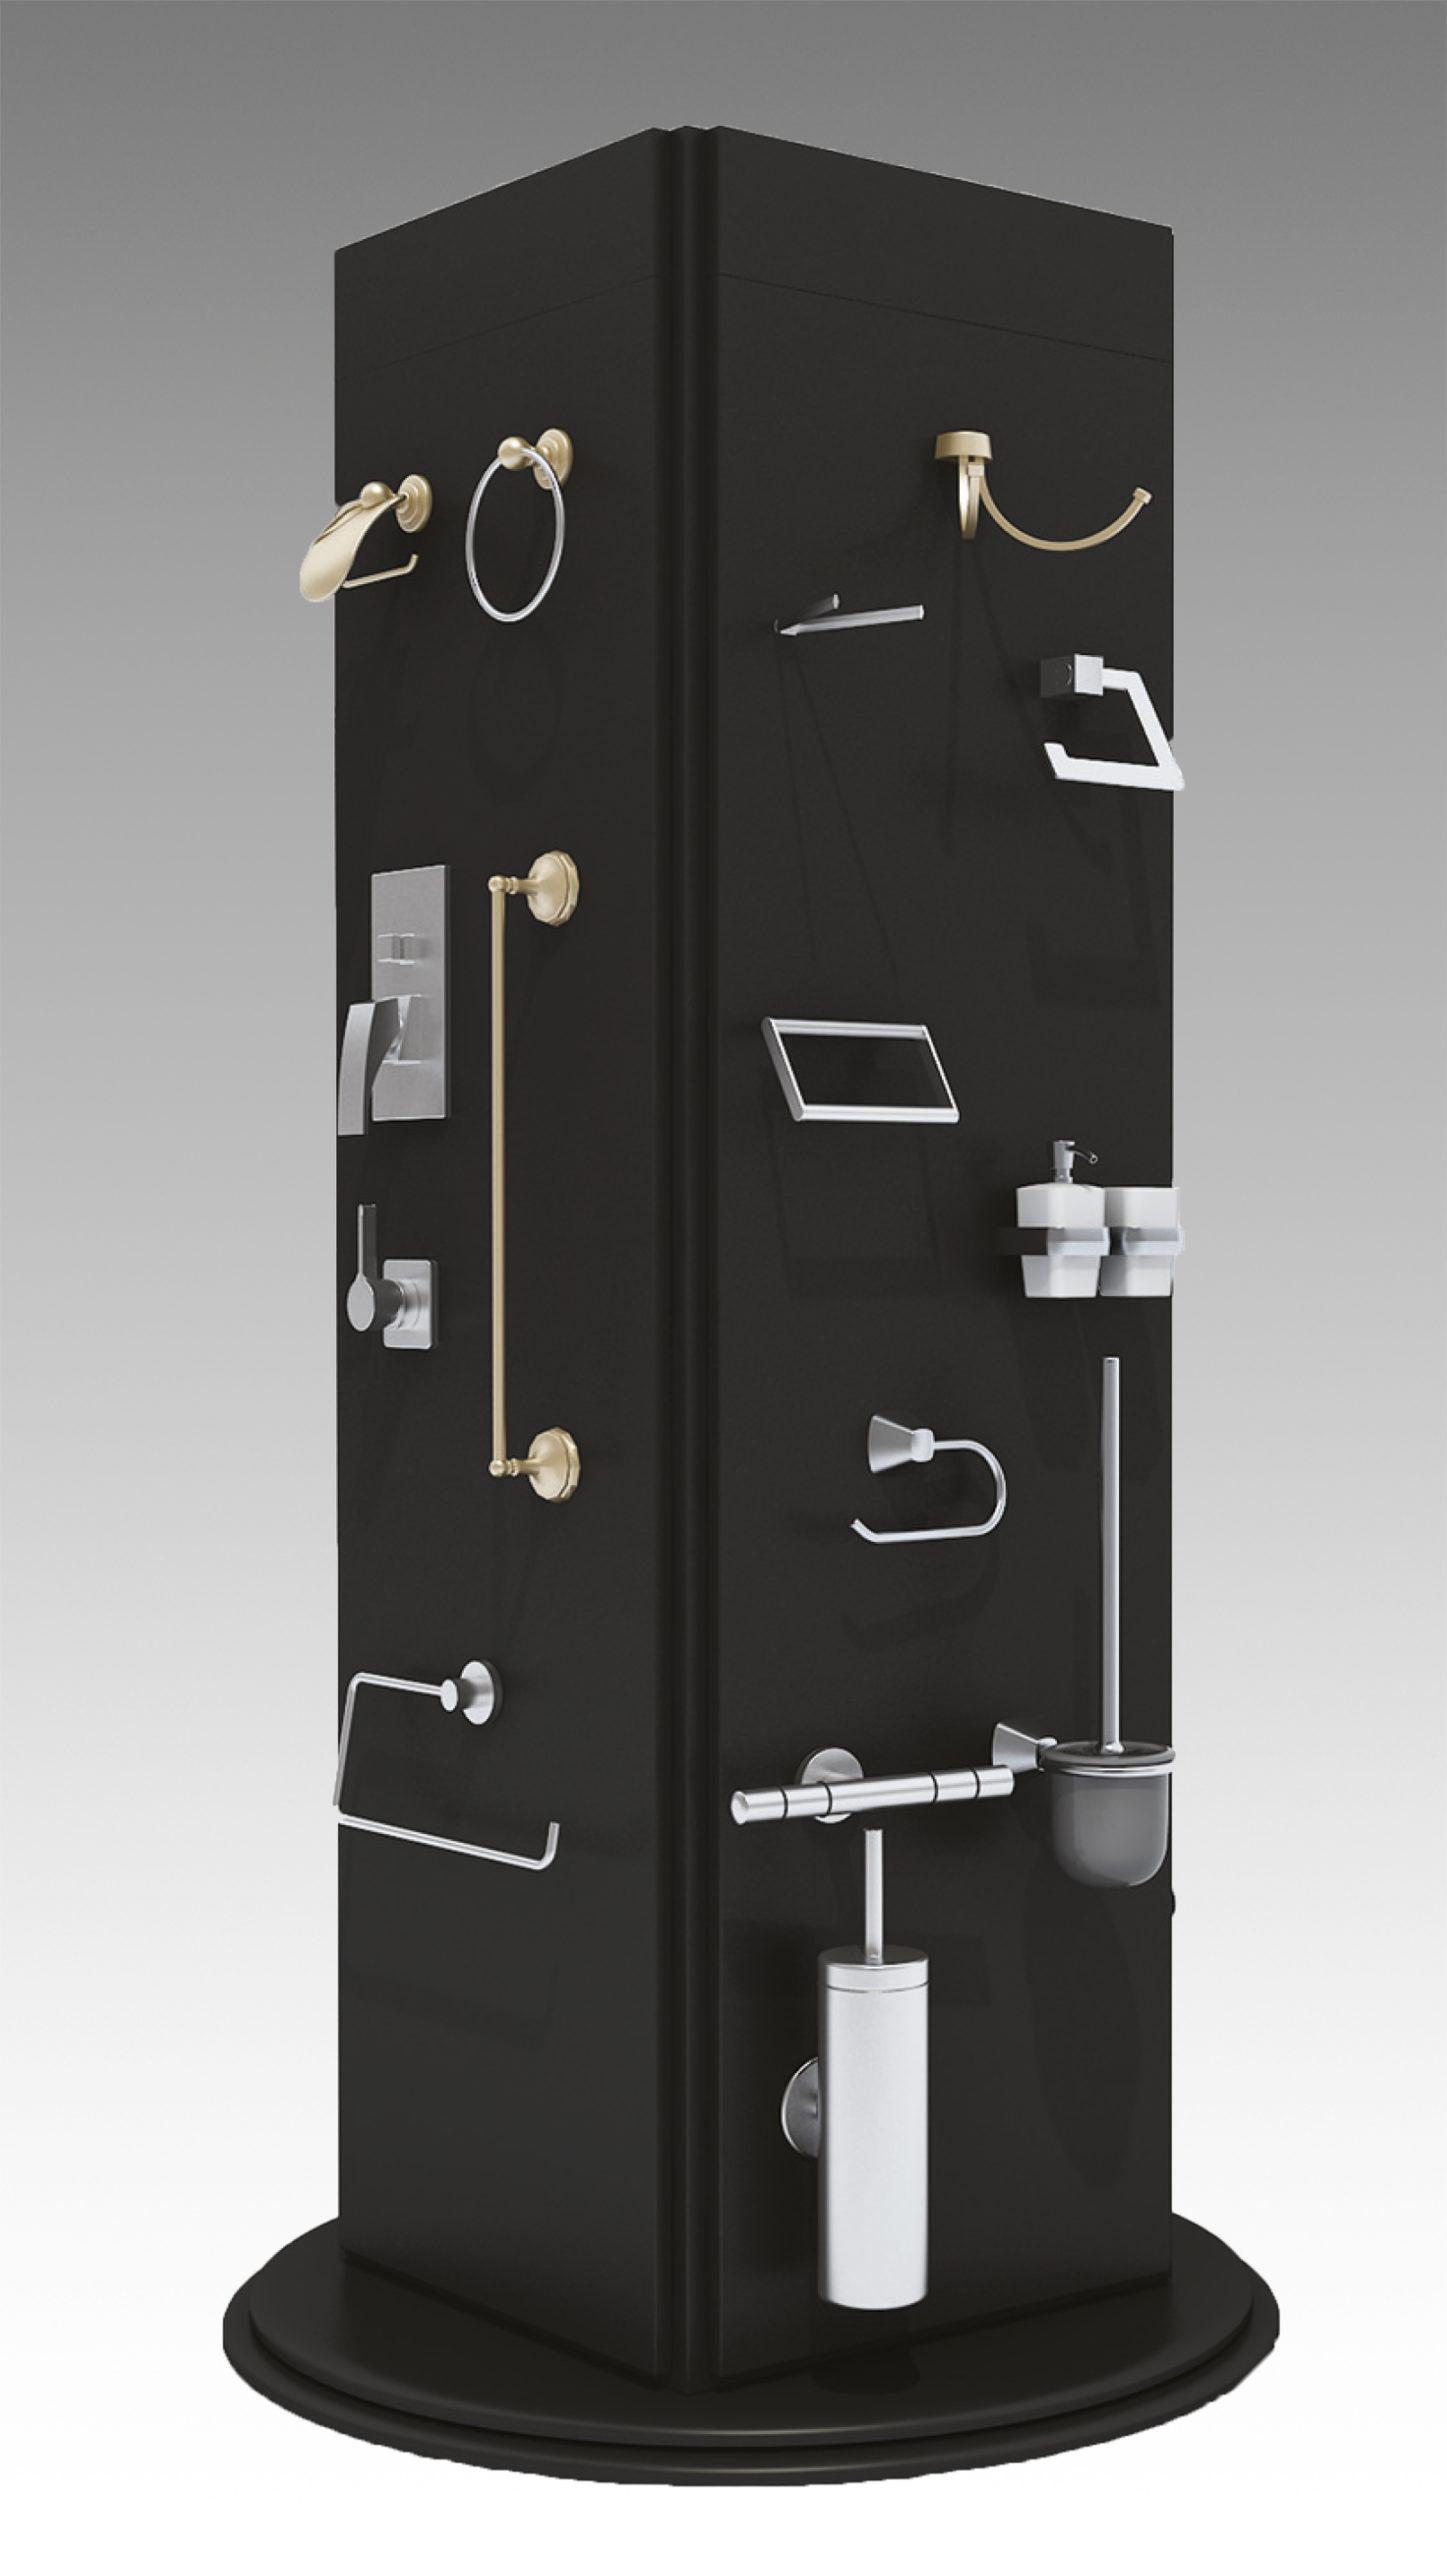 Totem espositore girevole con 4 lati per esposizione accessori bagno